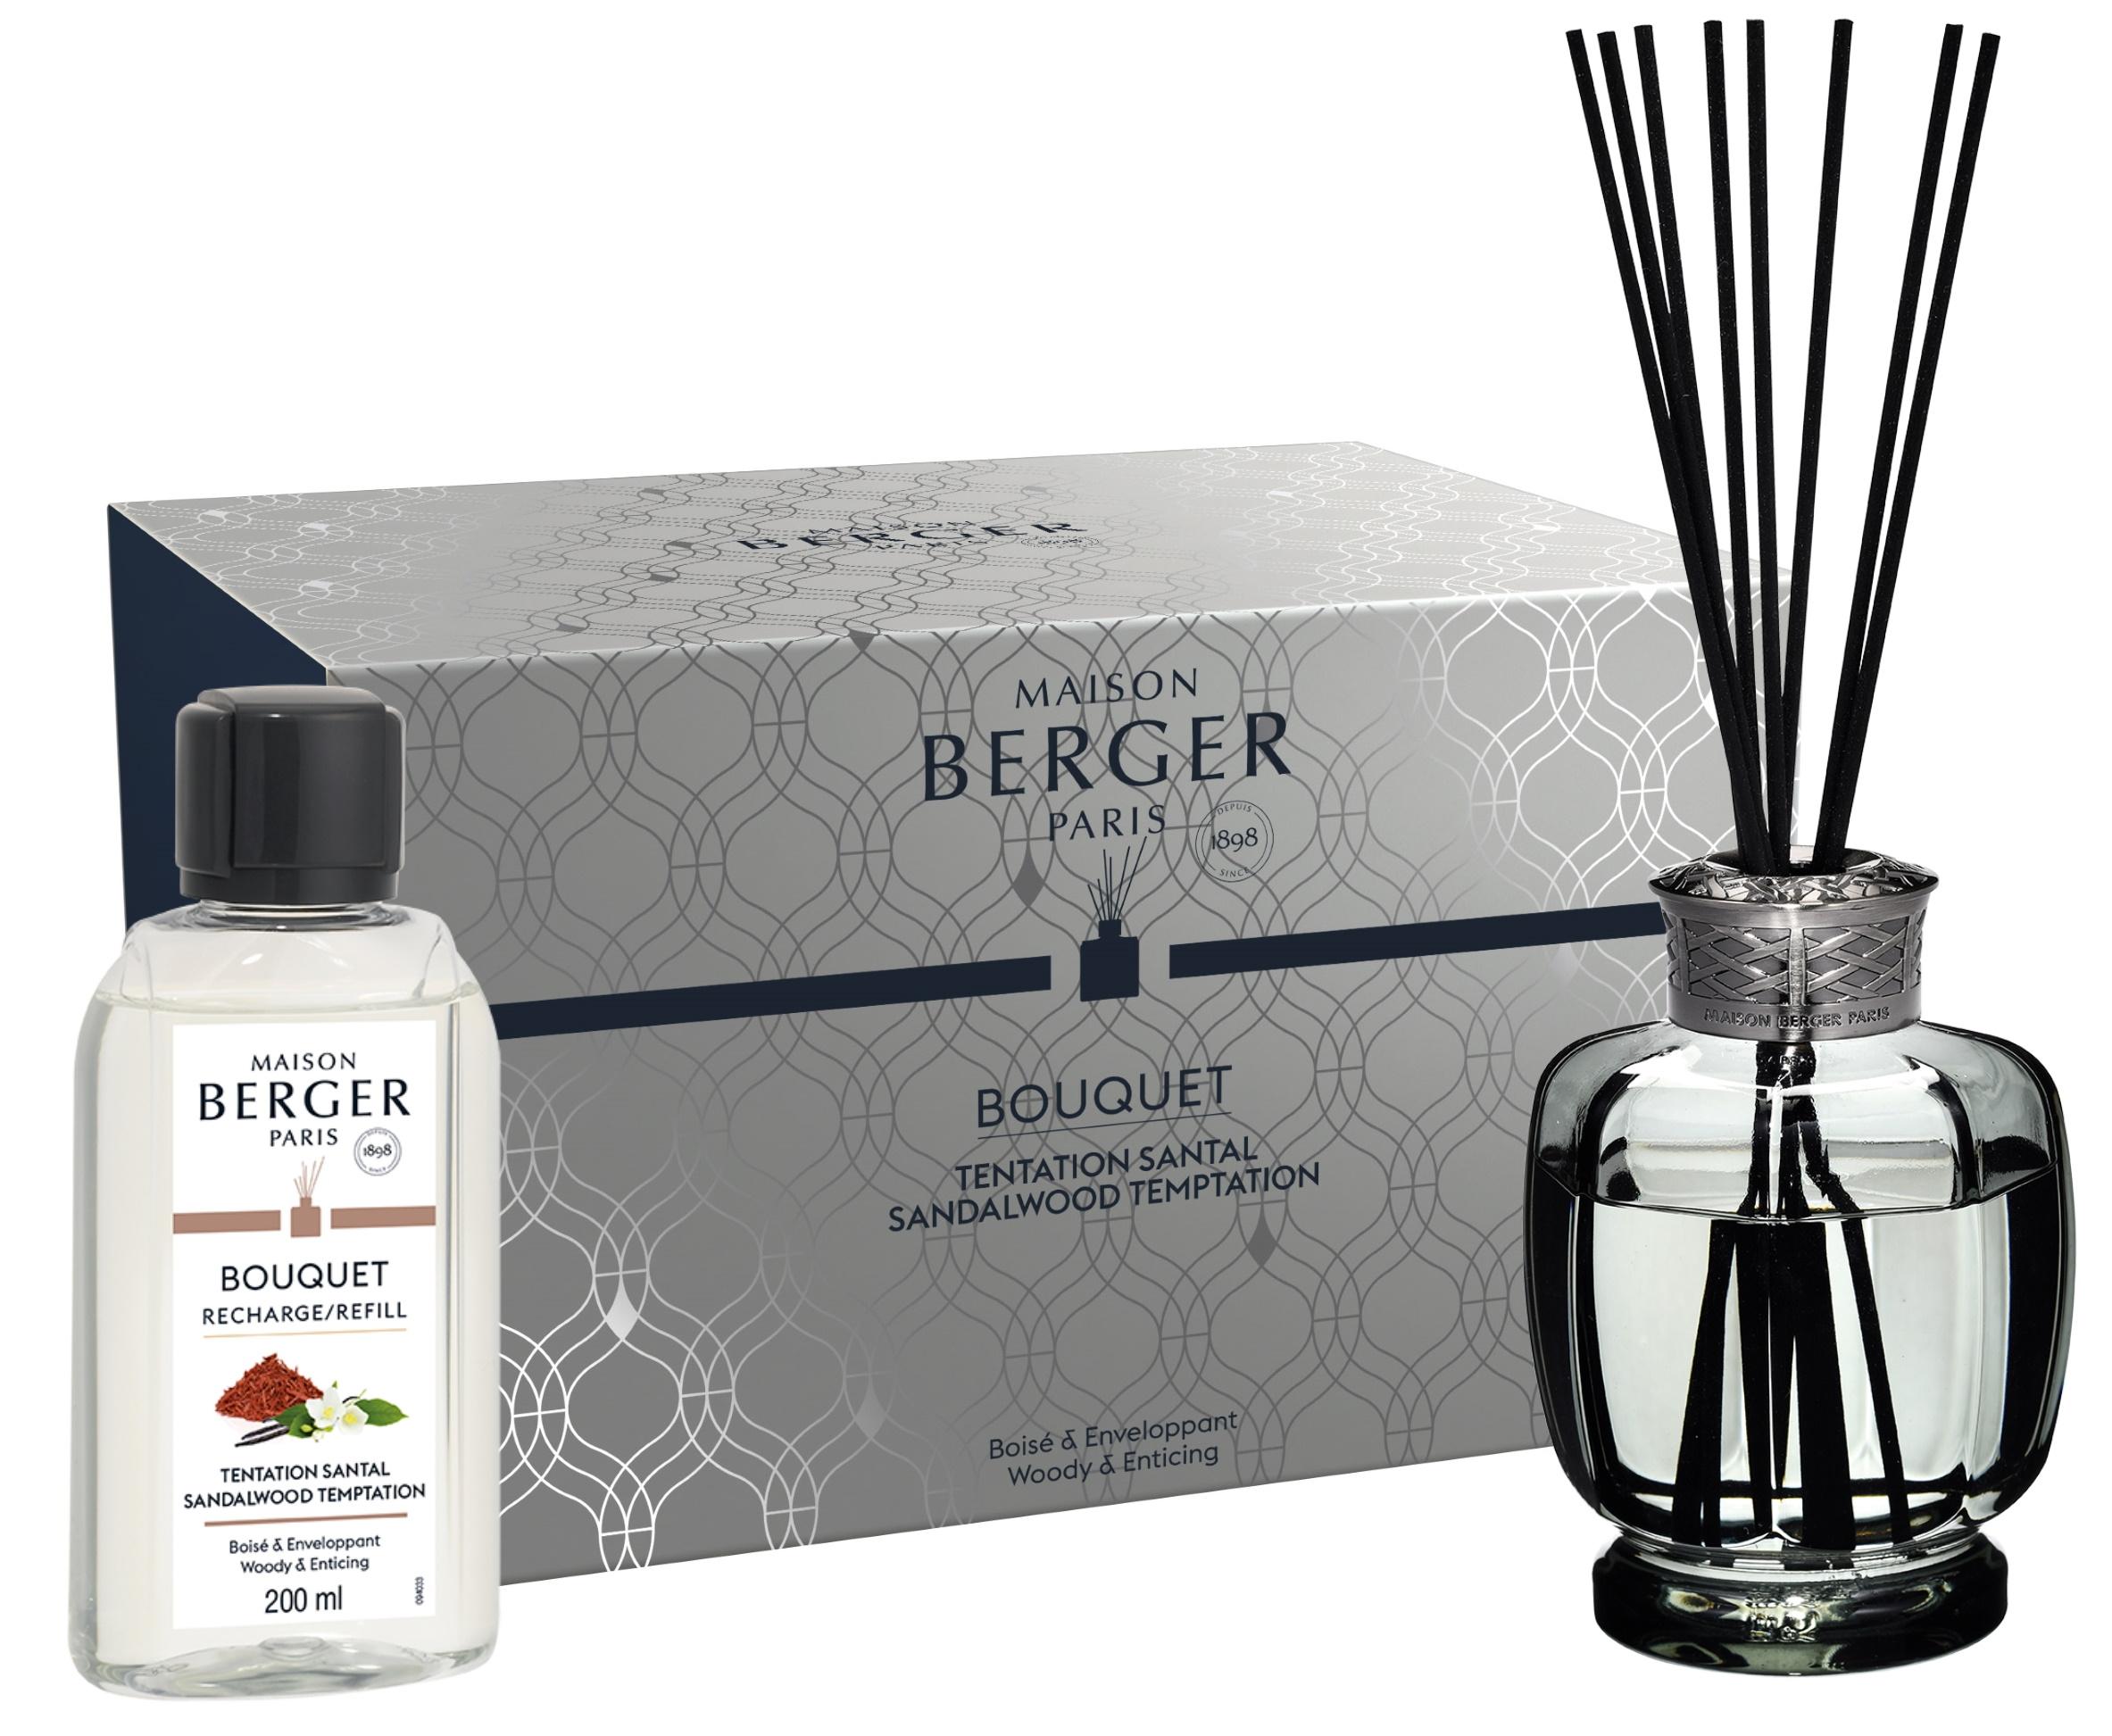 Difuzor parfum camera Berger Bouquet Parfume Belle Epoque Grise Sandalwood Temptation 200ml poza